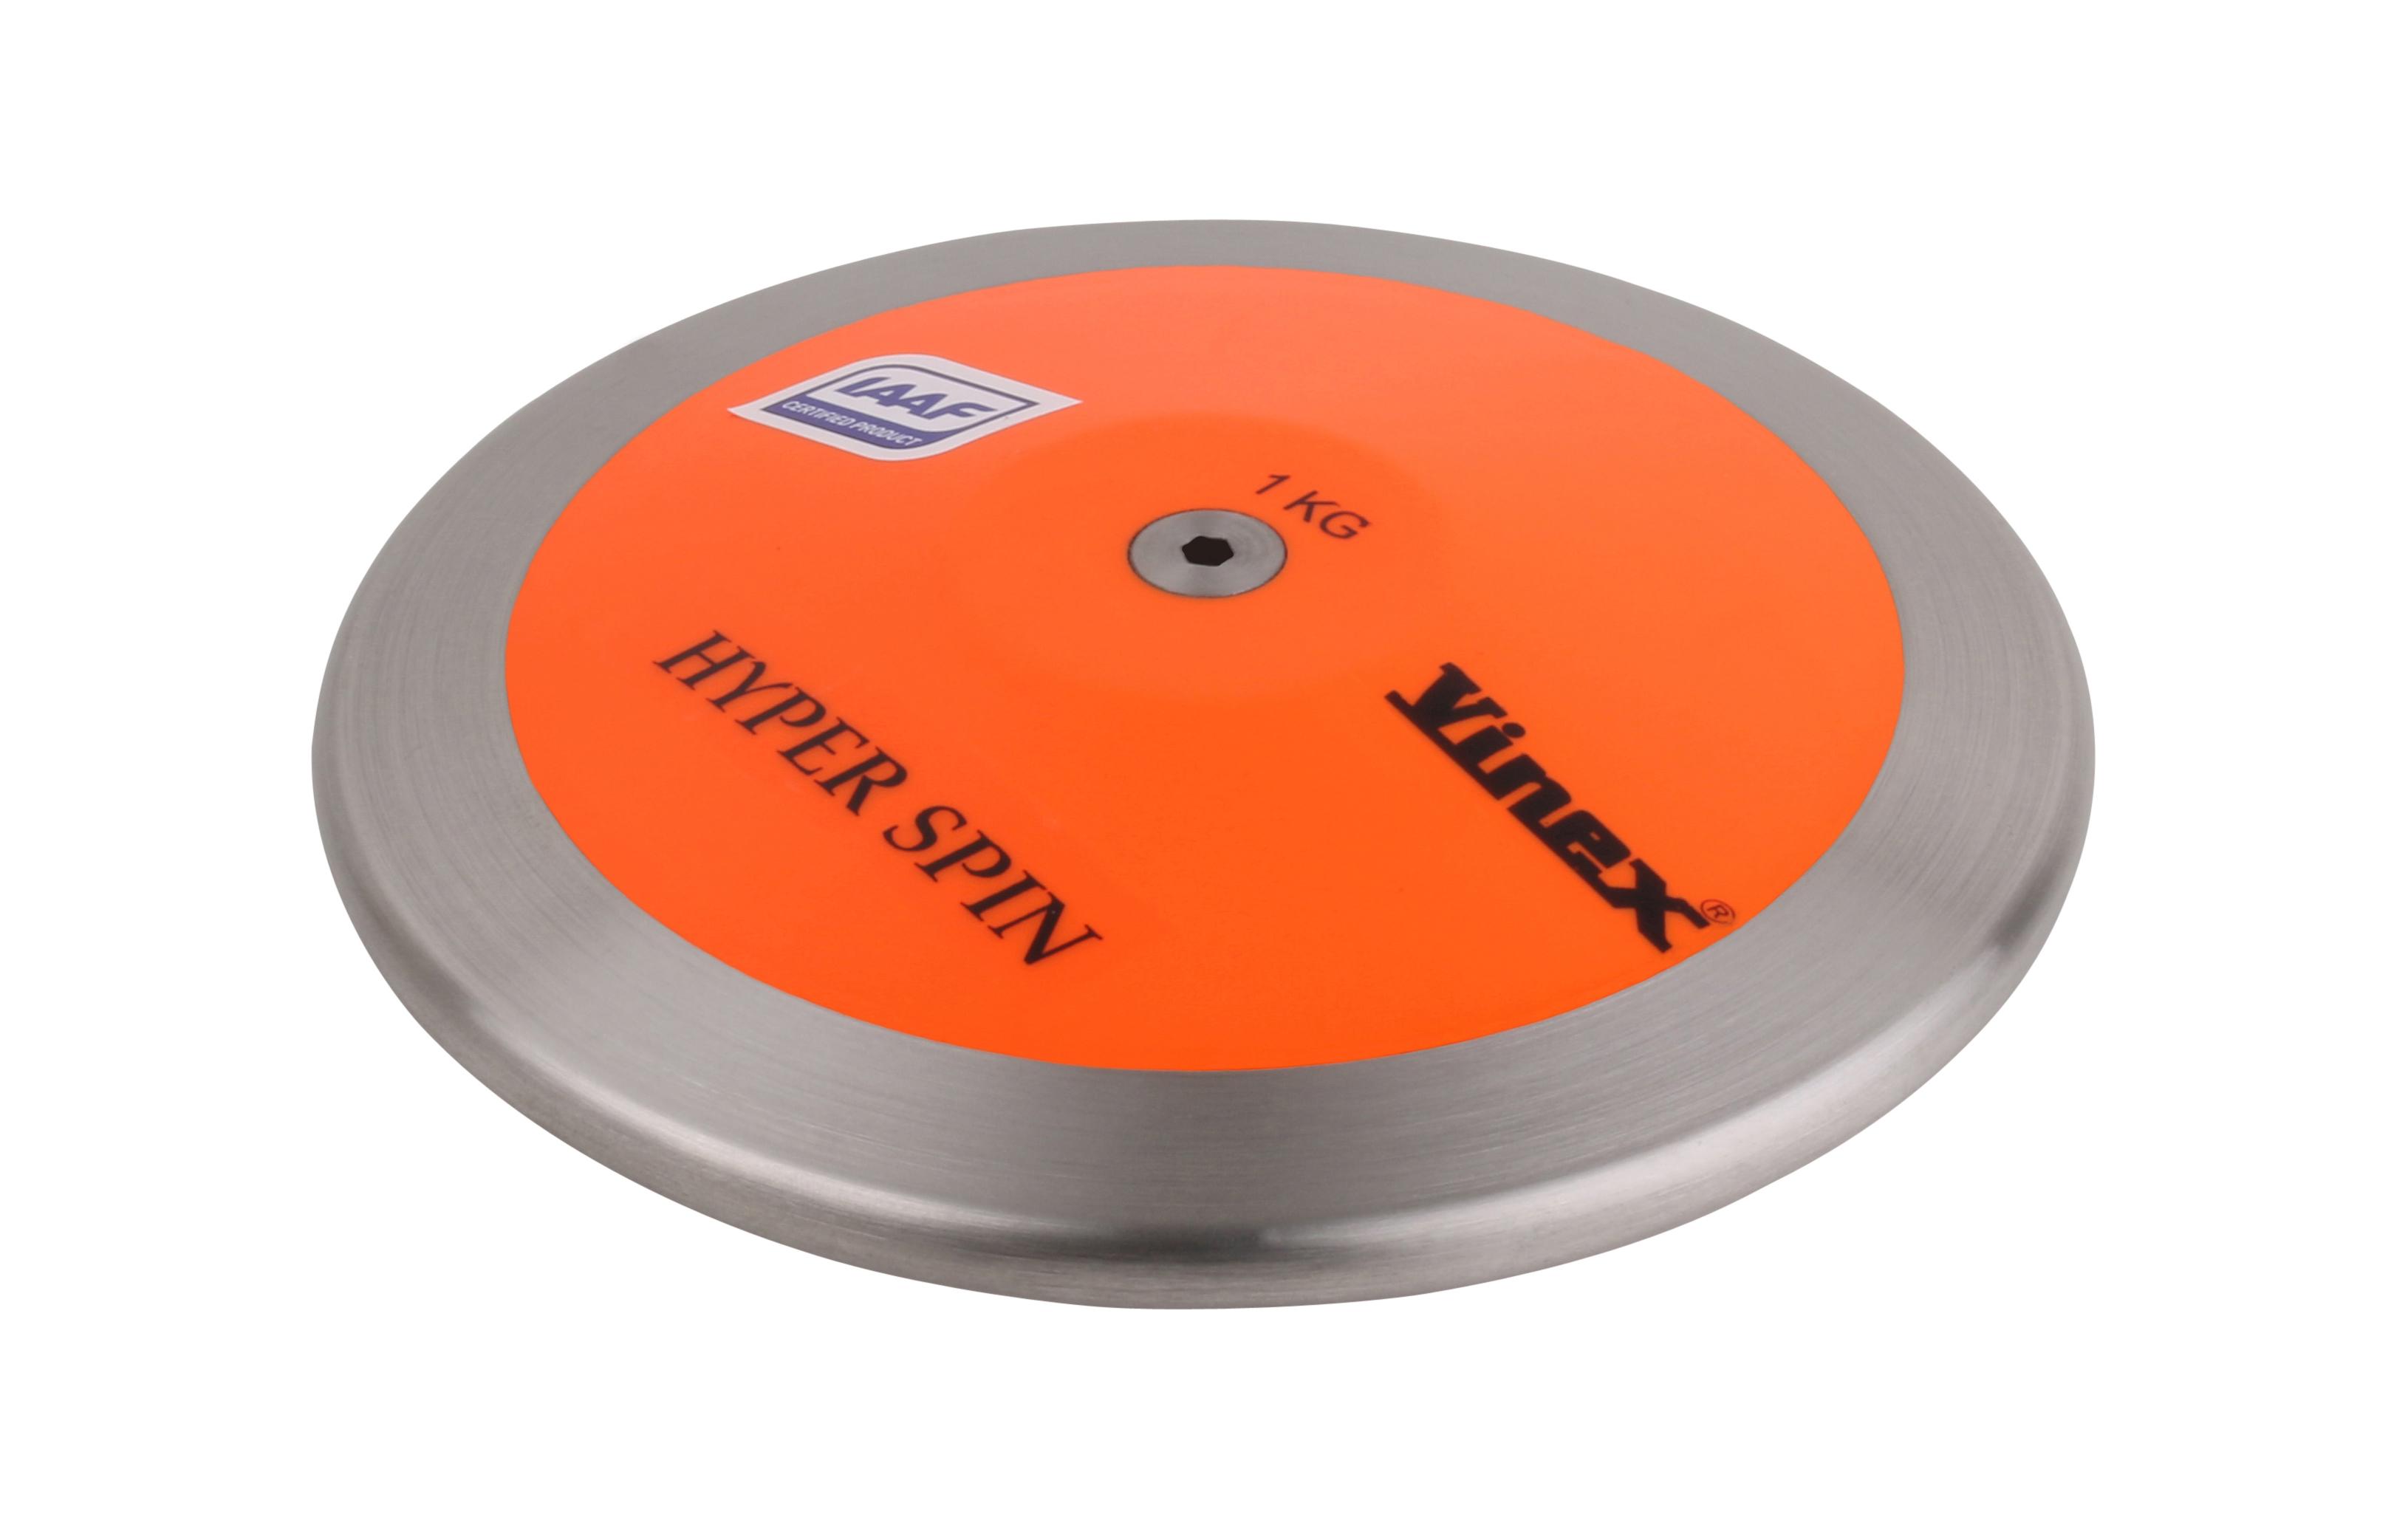 Vinex Wettkampfdiskus Lo Spin 0,75 bis 2,00 kg Diskus IAAF Diskuswurf